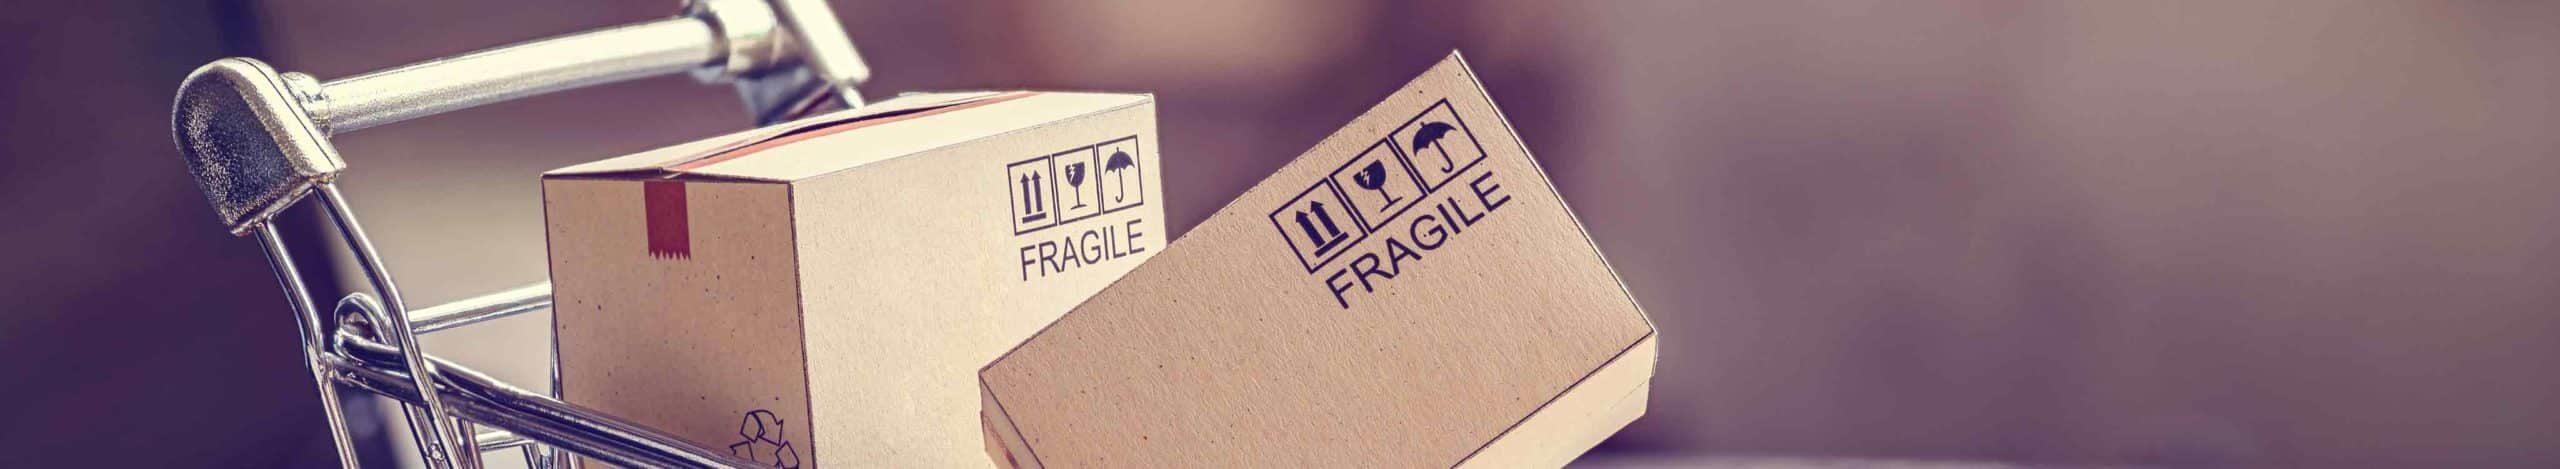 Online-Shopper möchten am liebsten komfortabel zuhause bestellen, die Waren sofort geliefert bekommen und im Falle eines Falles kostenlos umtauschen können.